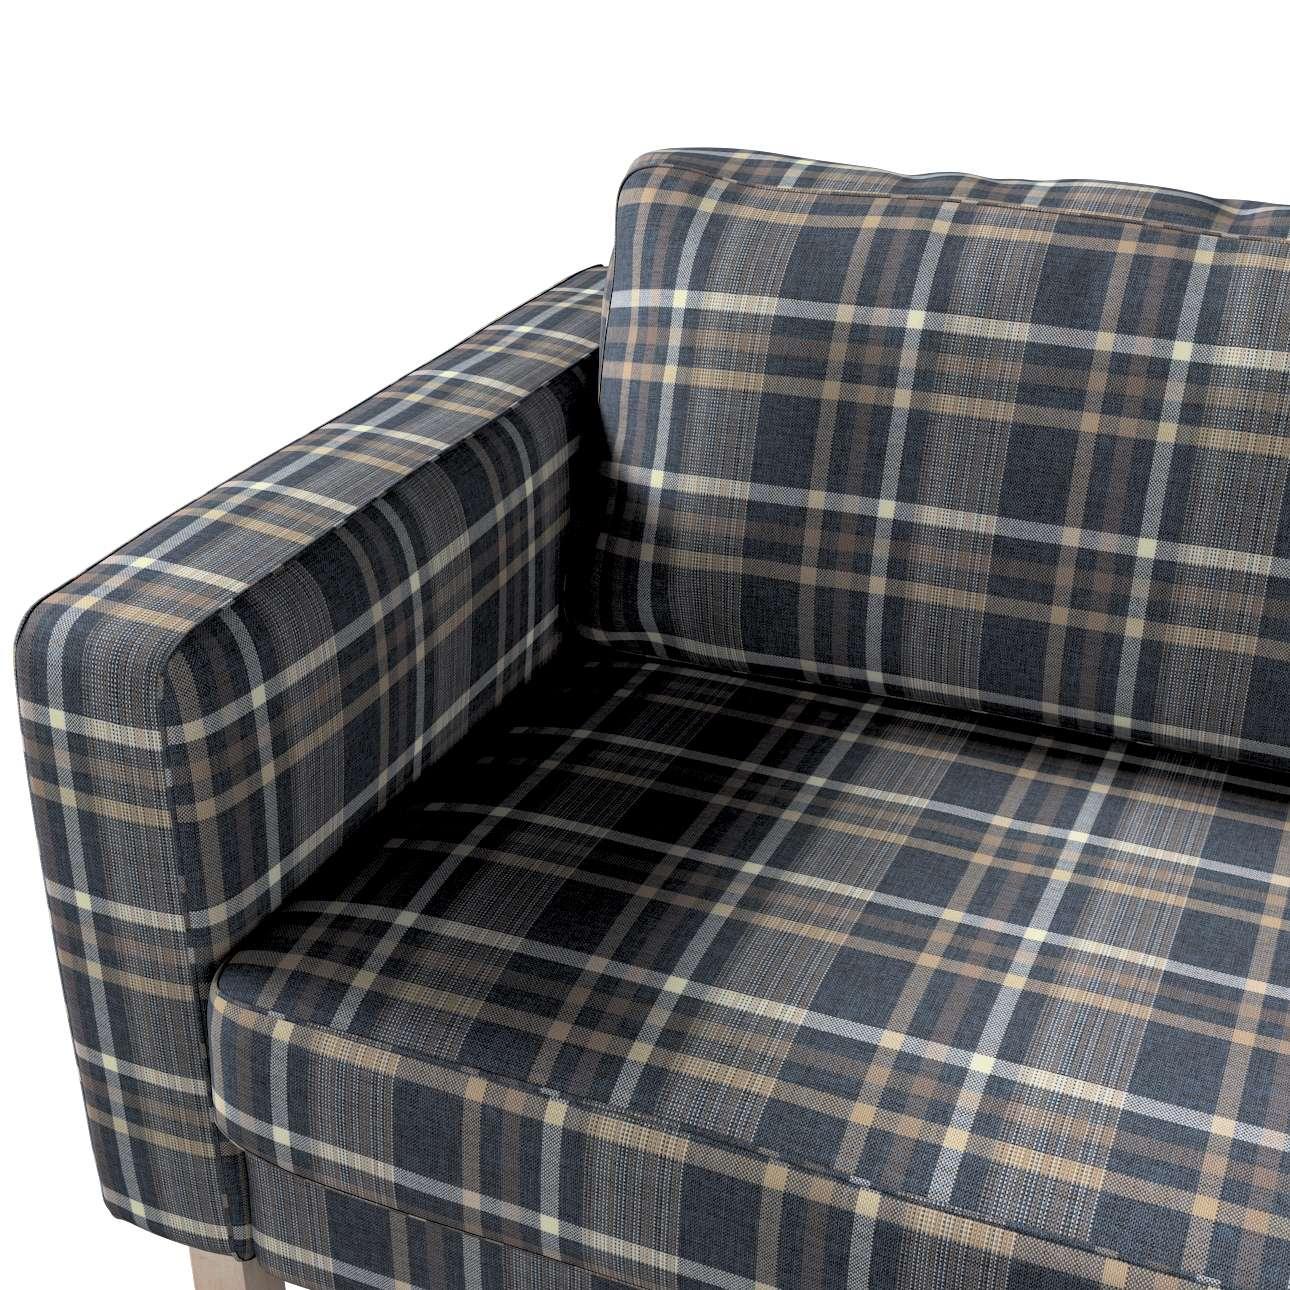 Pokrowiec na sofę Karlstad 3-osobową nierozkładaną, krótki w kolekcji Edinburgh, tkanina: 703-16